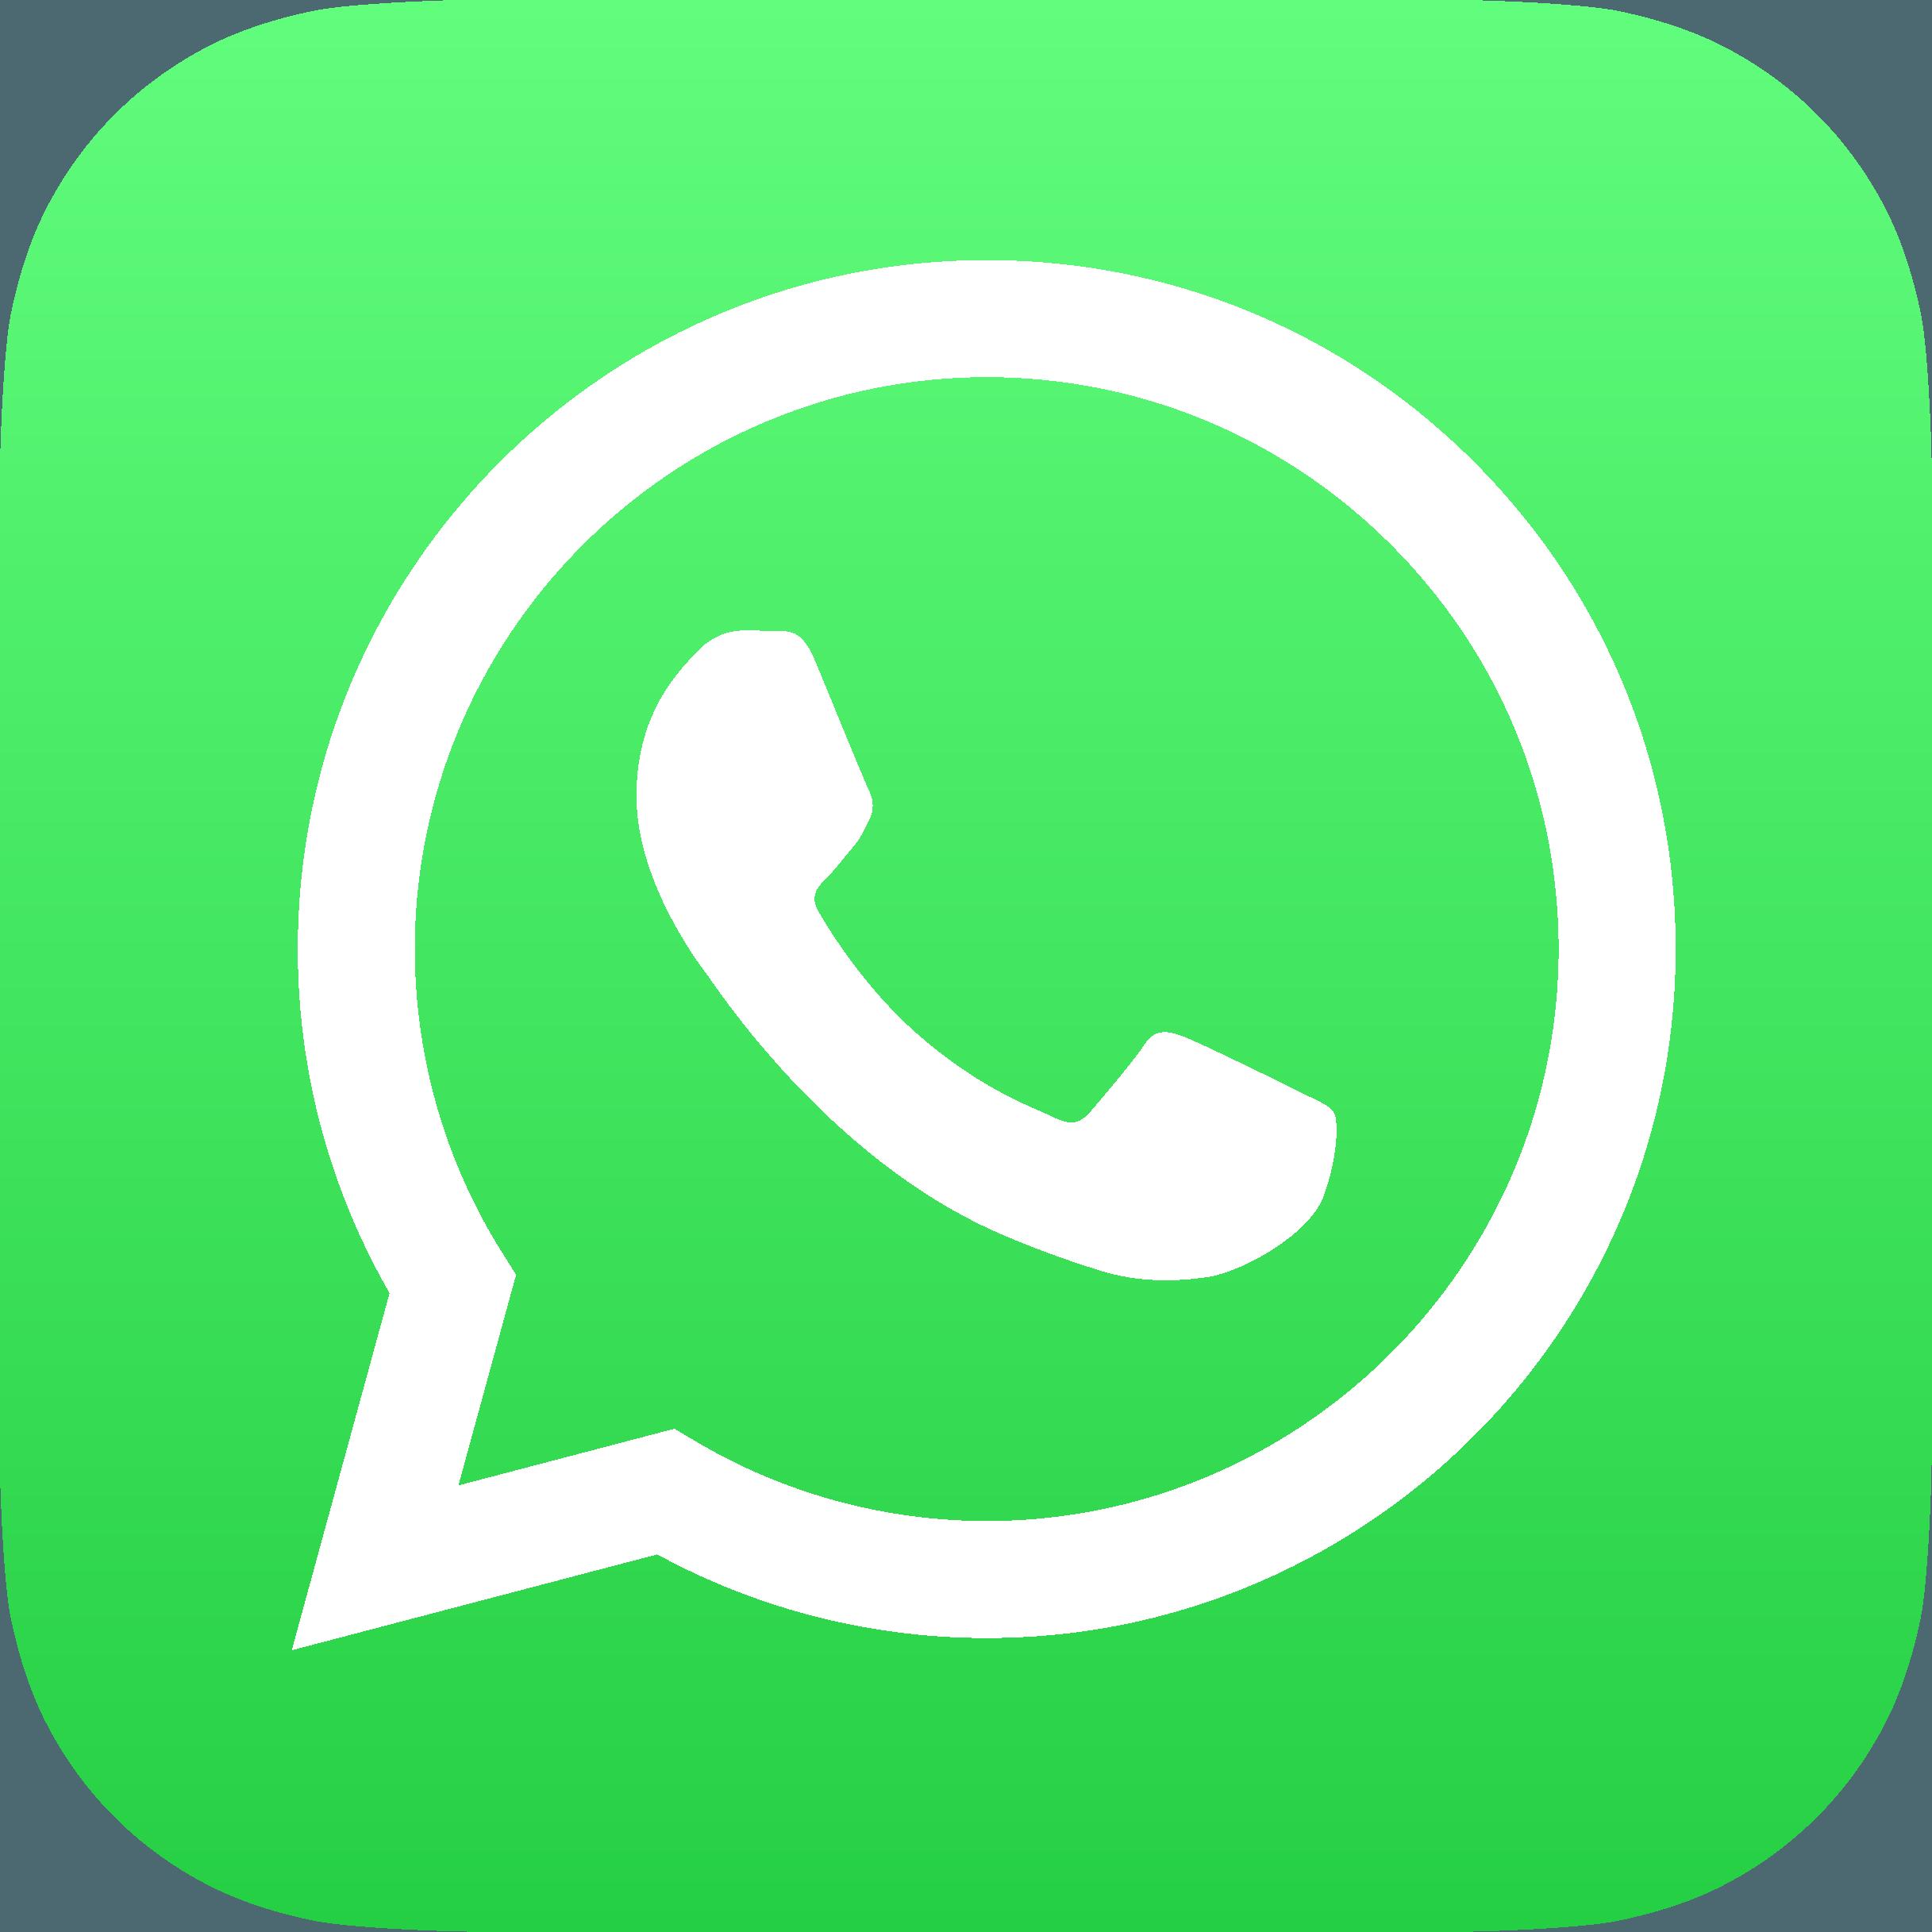 Resultado de imagen para logo whatsapp